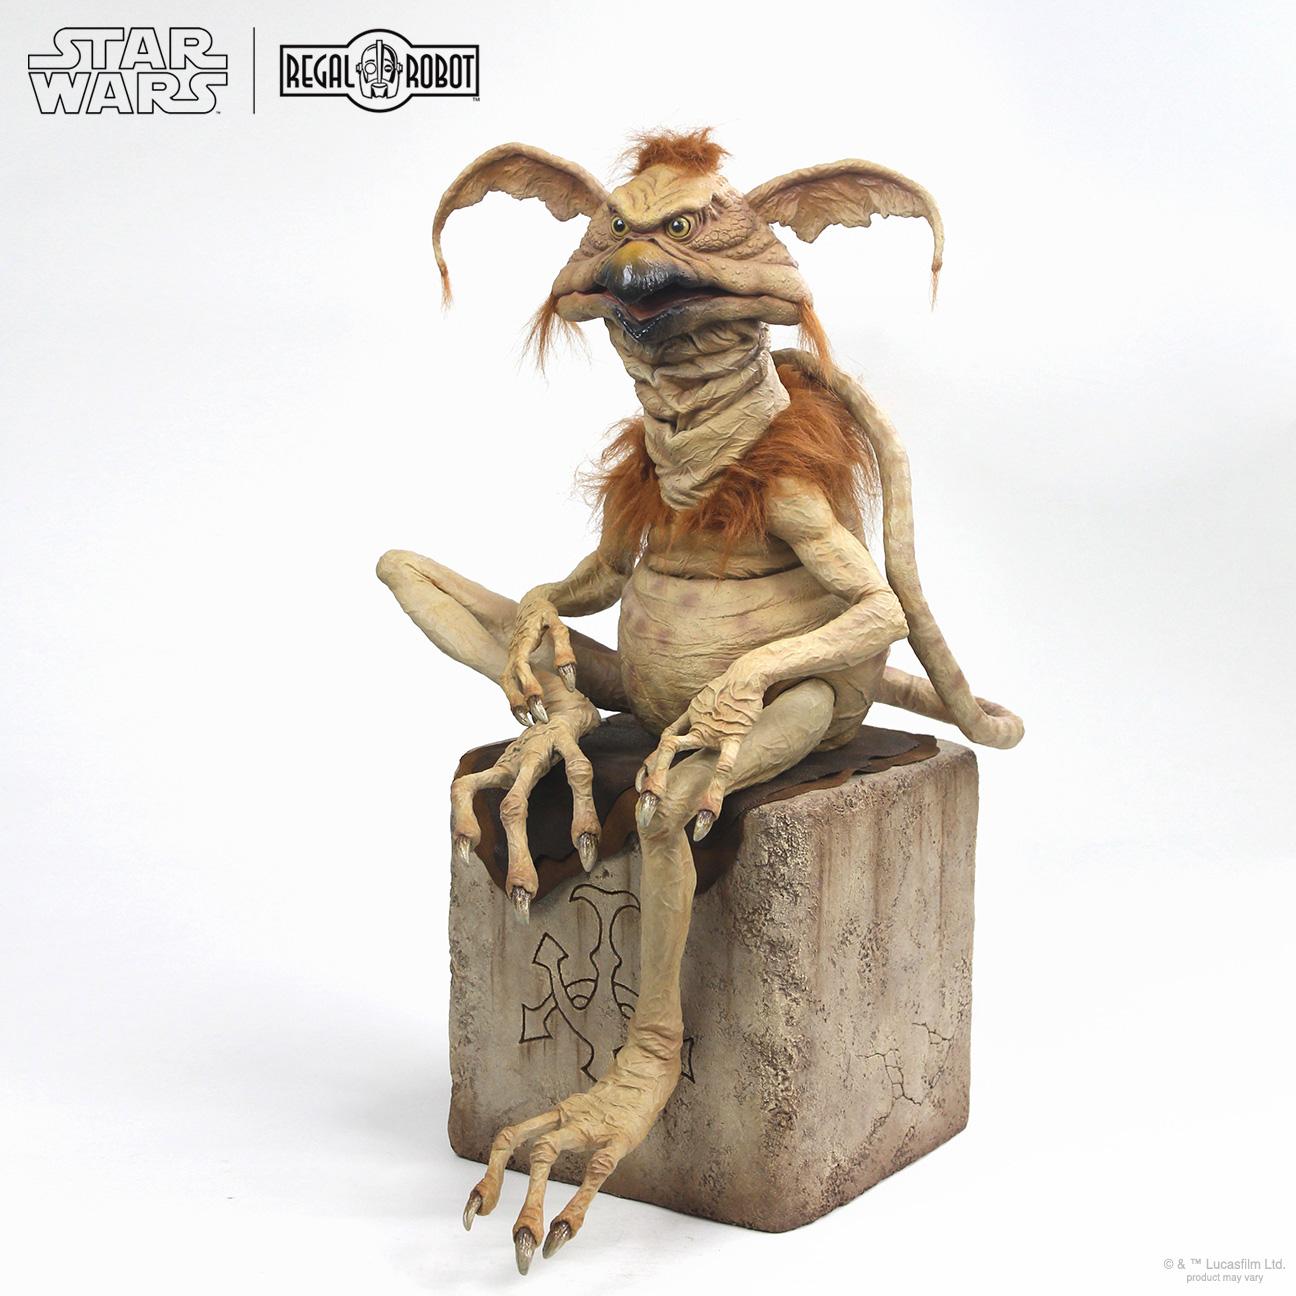 Jabba the hutt's salacious B. Crumb statue